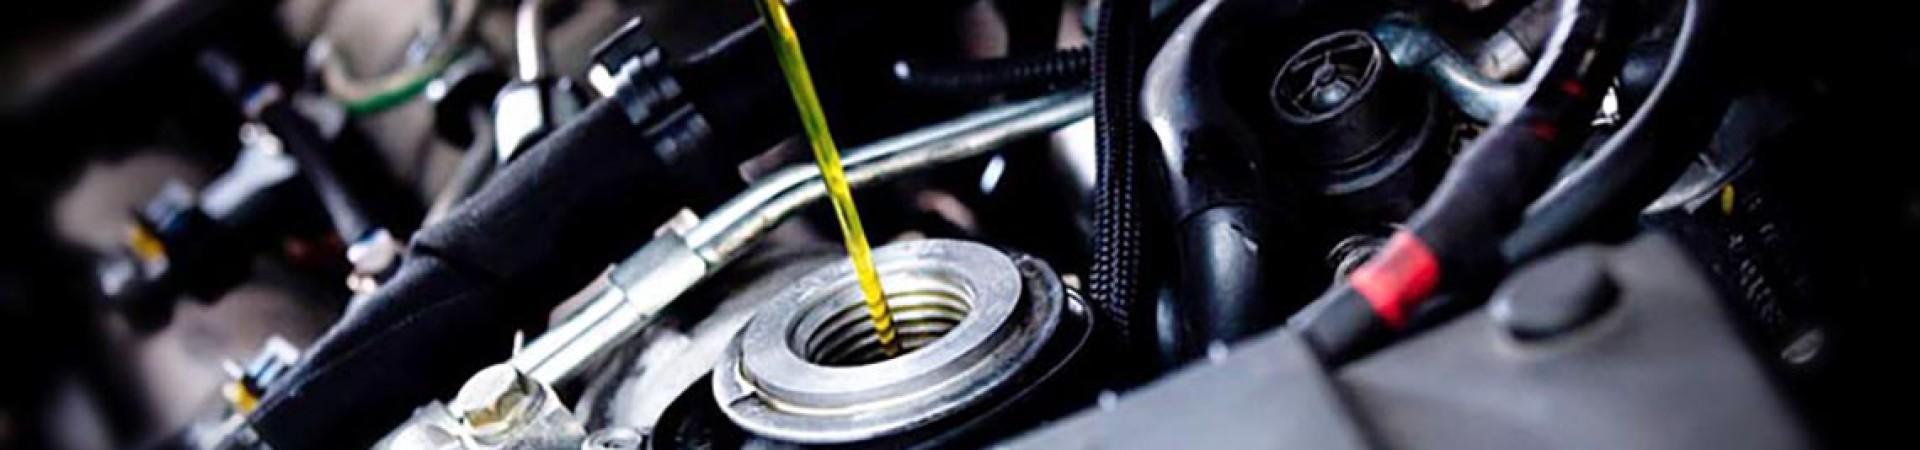 Замена масла в двигателе. Тонкости и нюансы обслуживания.